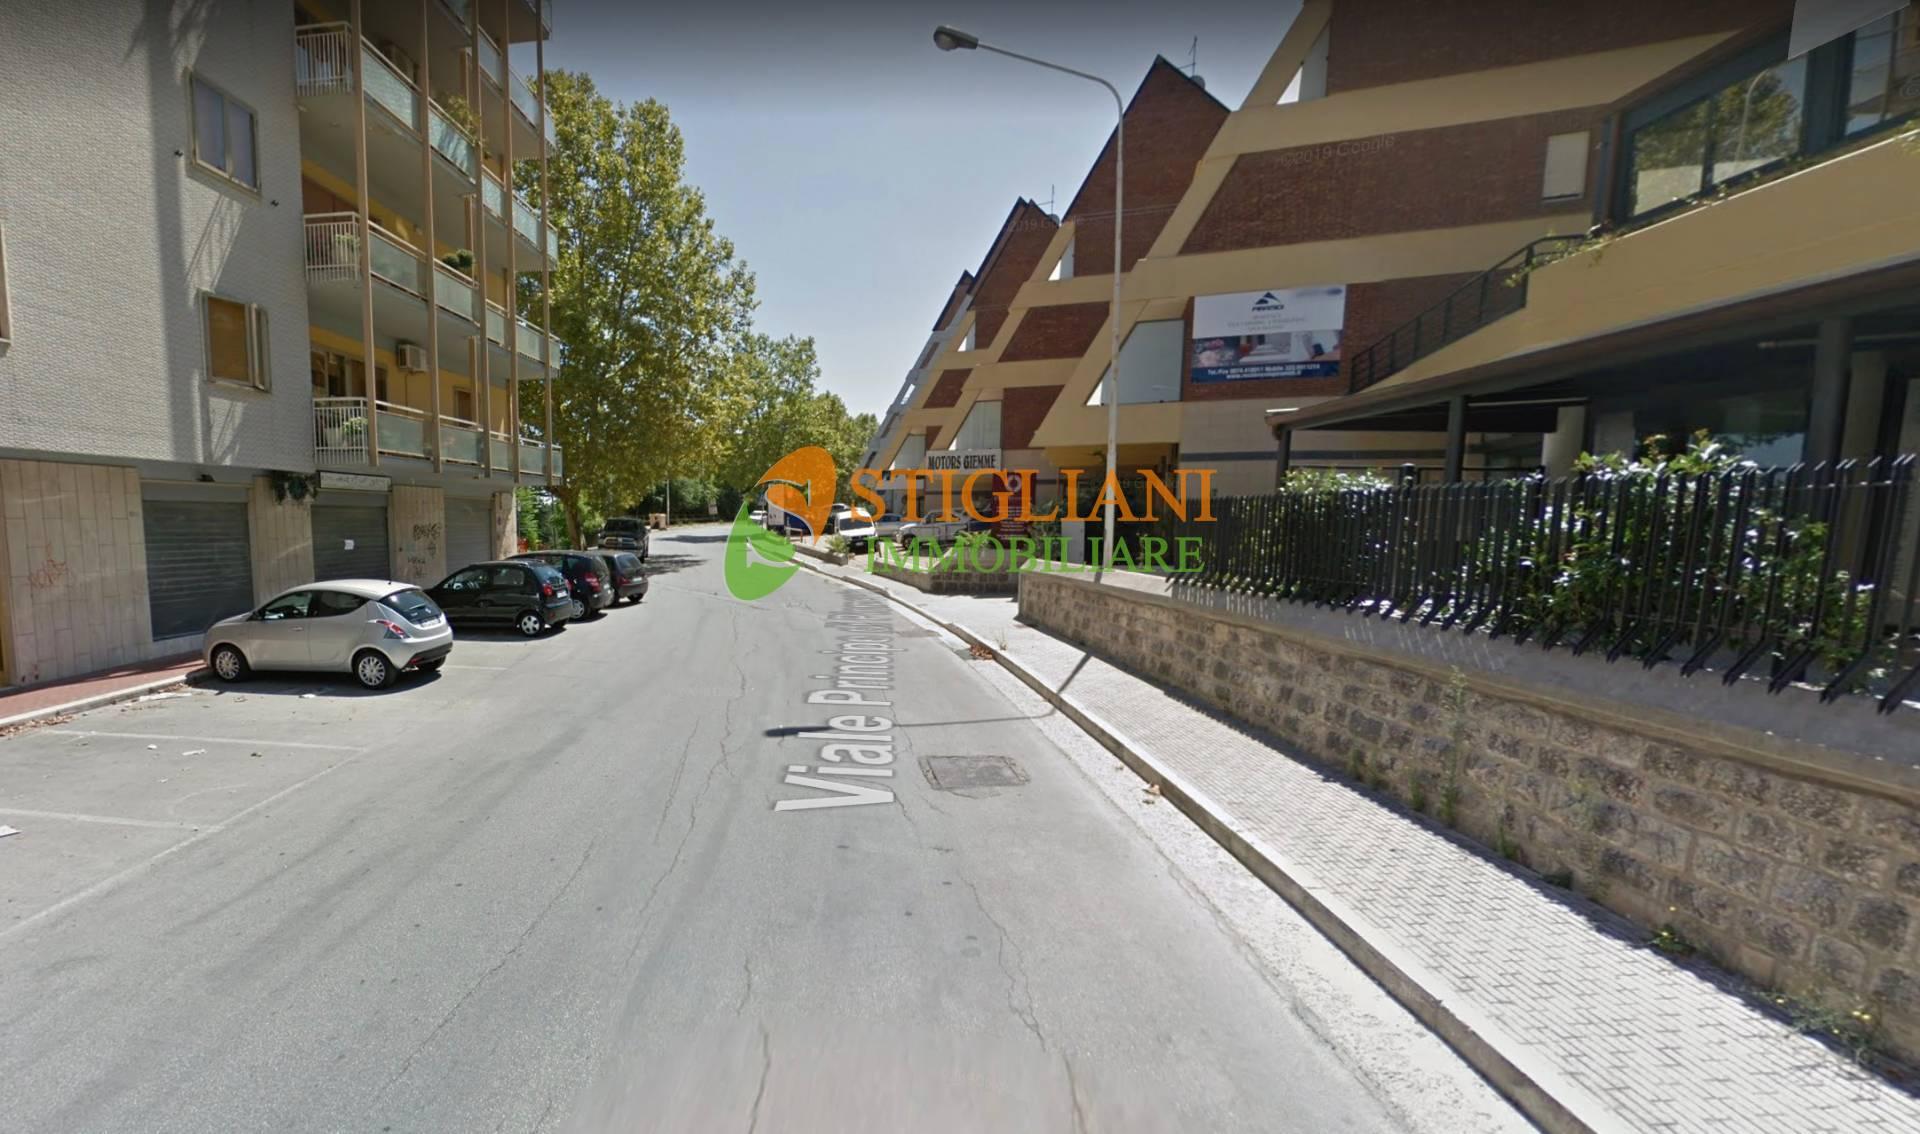 Magazzino in vendita a Ferrazzano, 9999 locali, zona Località: ContradaTaverna, prezzo € 120.000 | CambioCasa.it